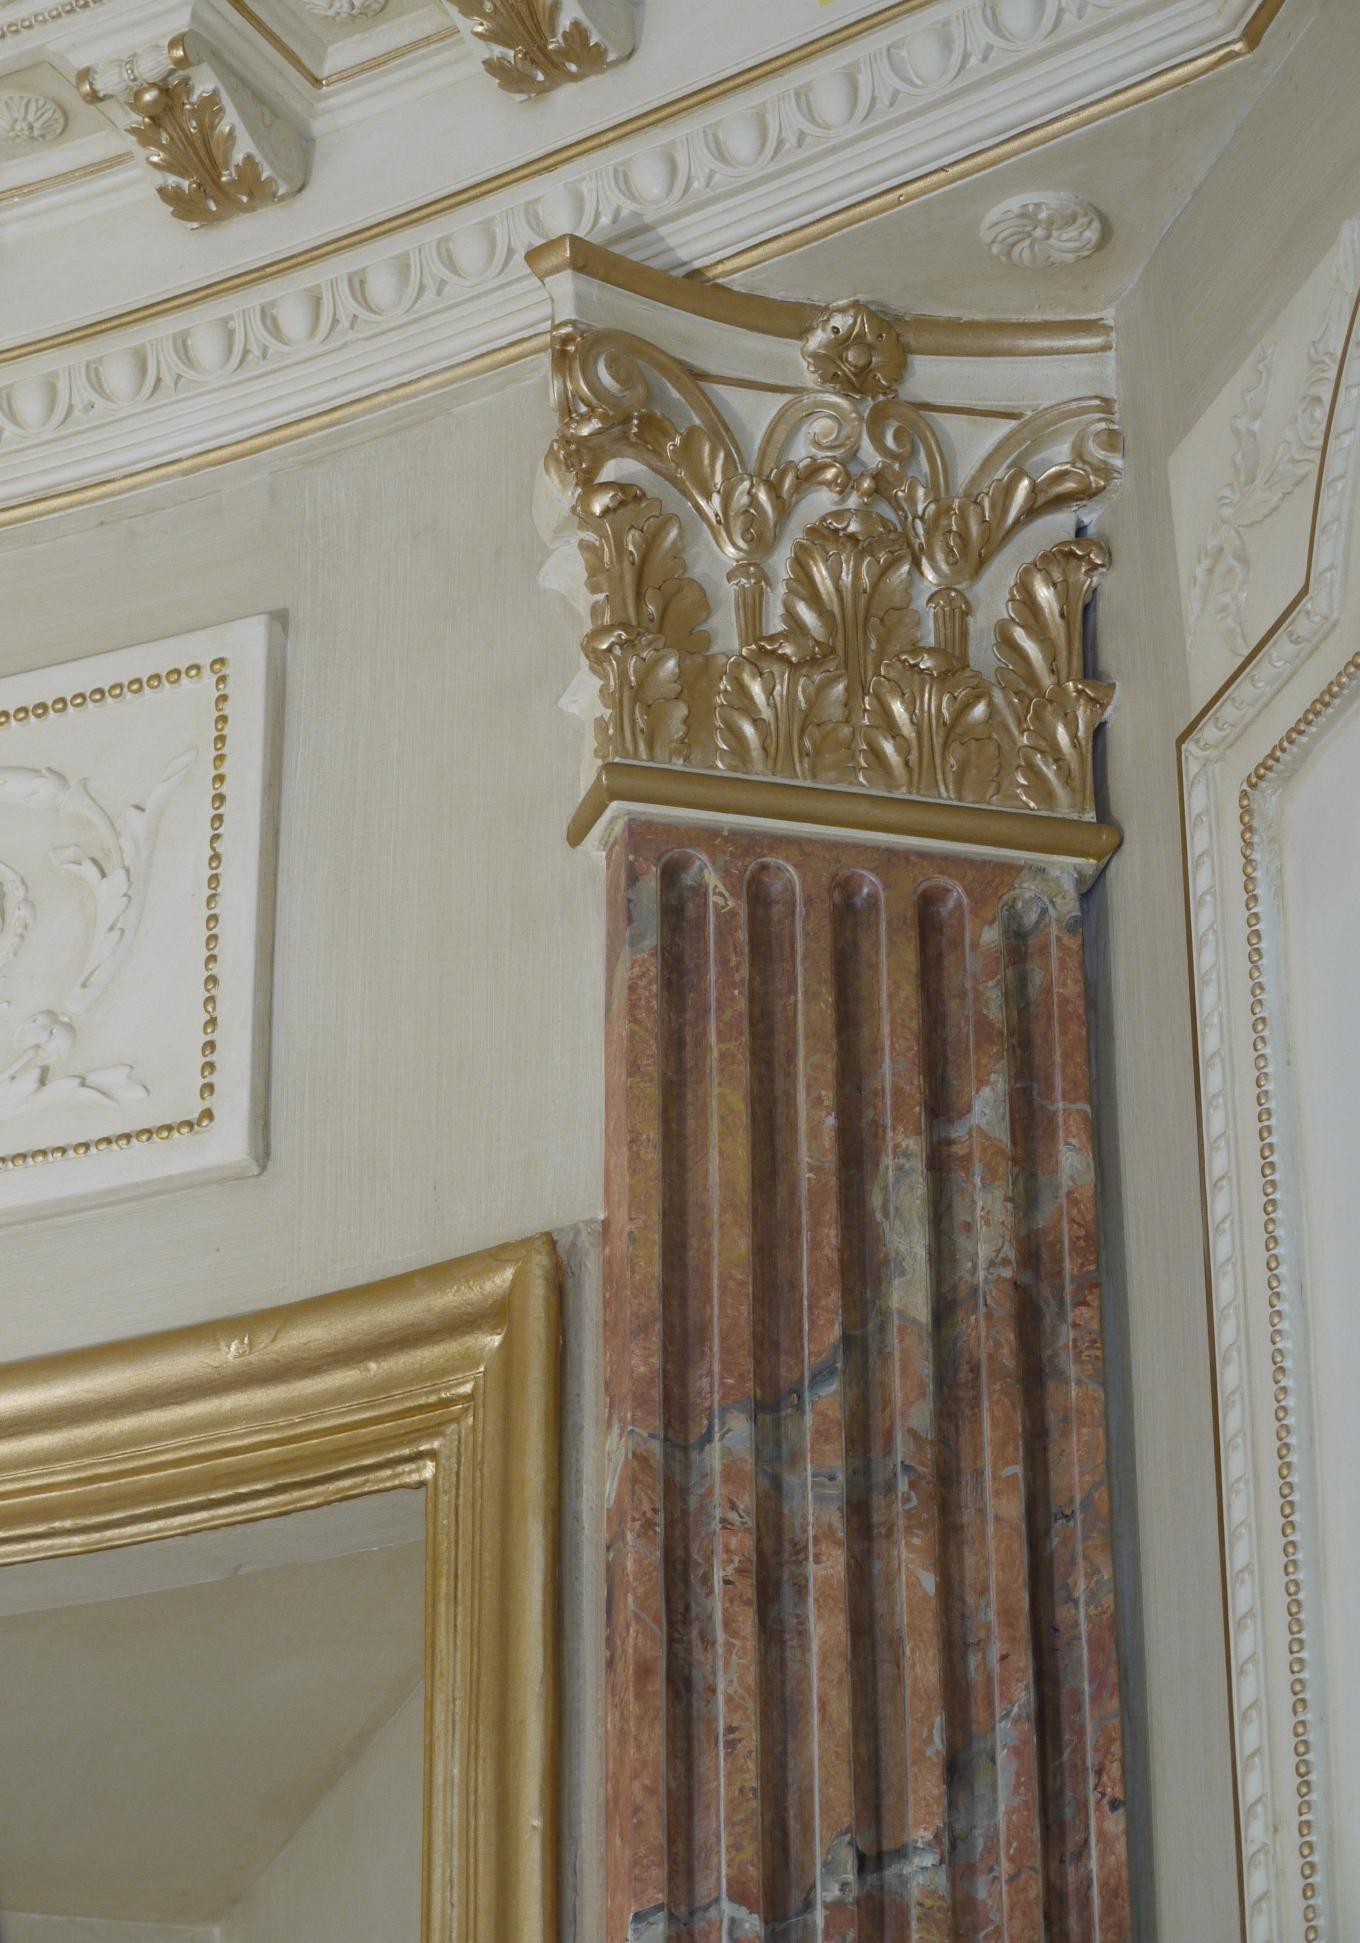 imitation de marbre patines et dorures d tail d 39 un. Black Bedroom Furniture Sets. Home Design Ideas